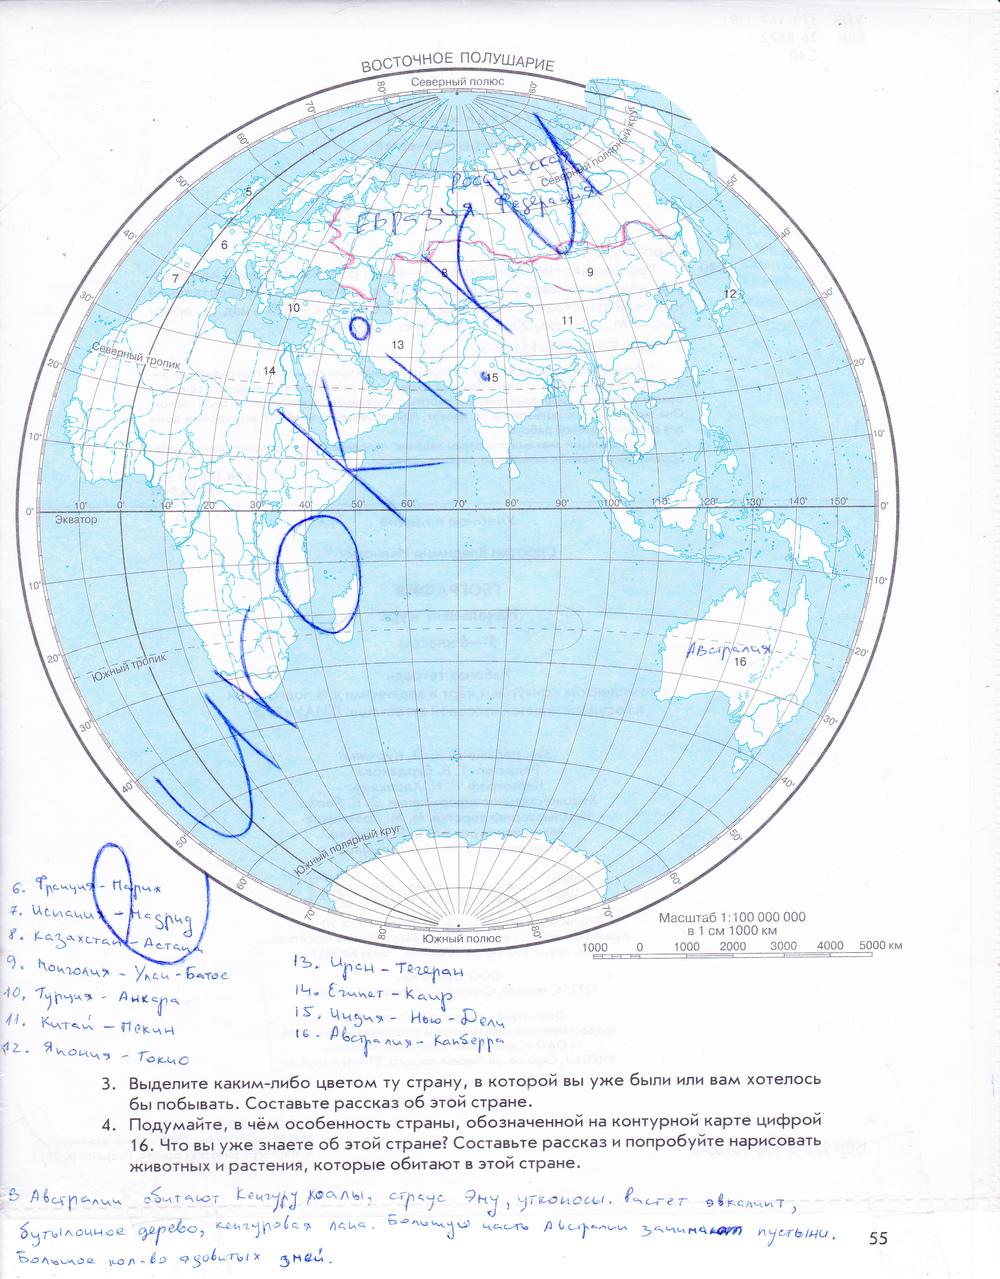 Гдз по географии контурные карты 5 класс летягин начальный курс